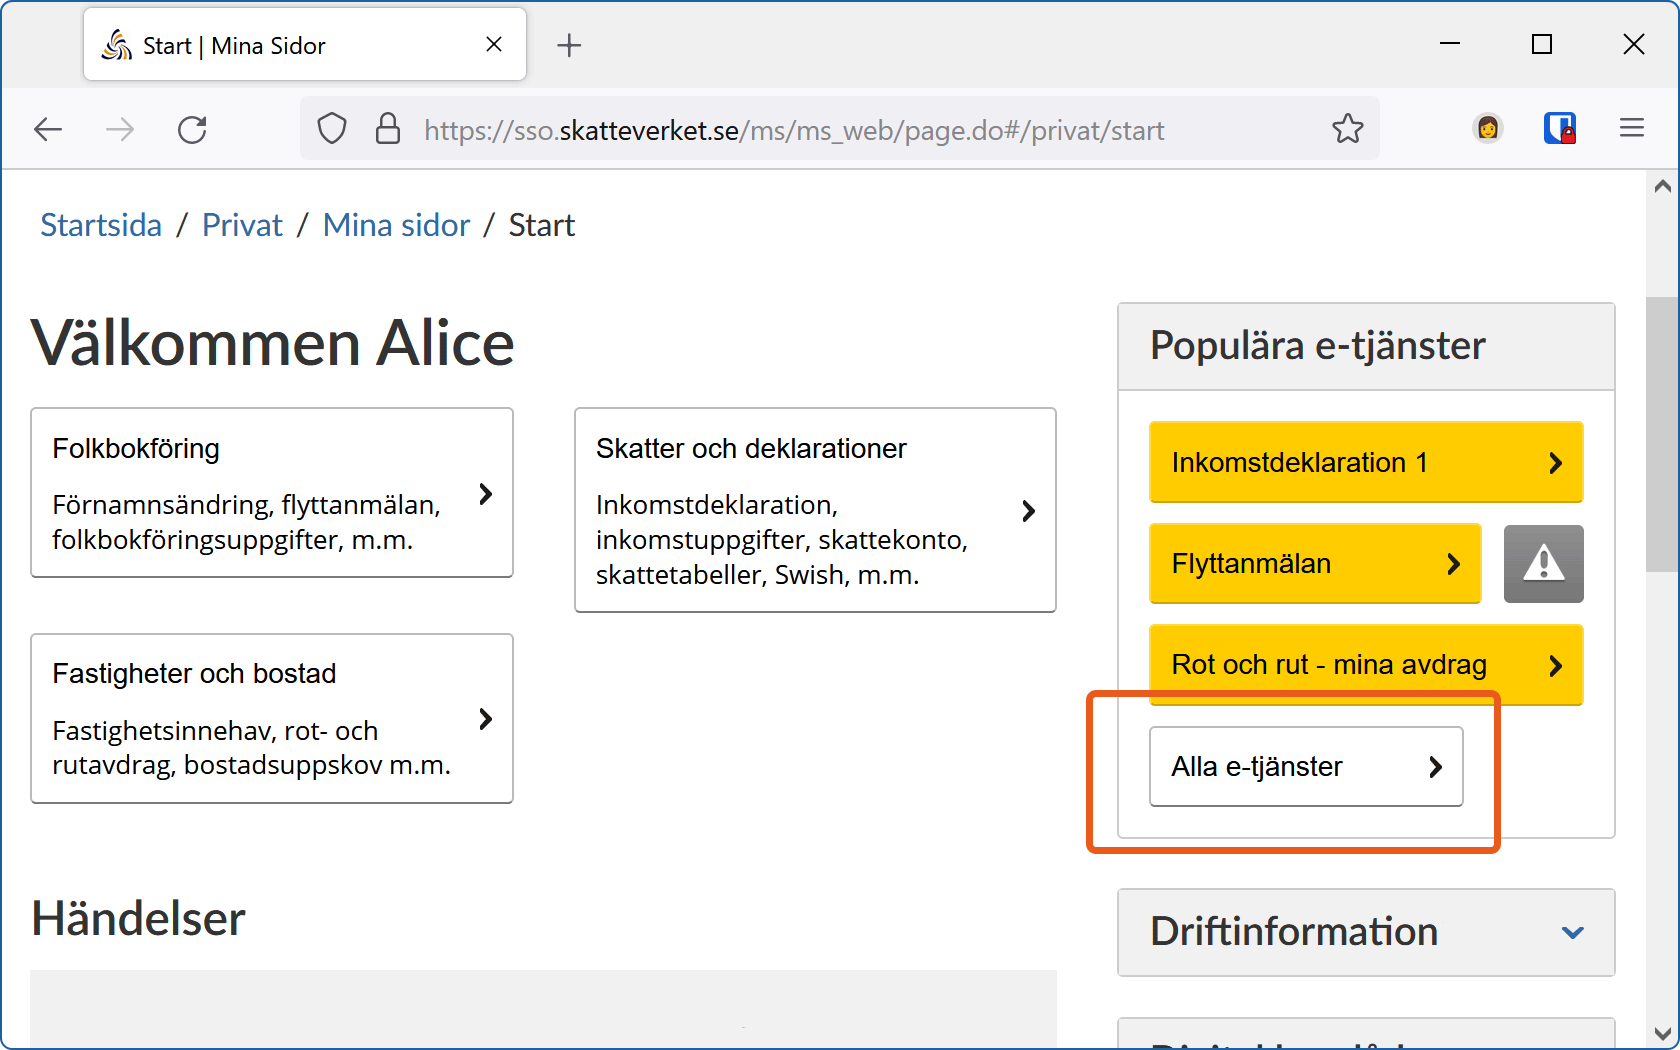 """Knappen """"Alla e-tjänster"""" är markerad på Skatteverkets välkomstsida för """"Mina sidor""""."""